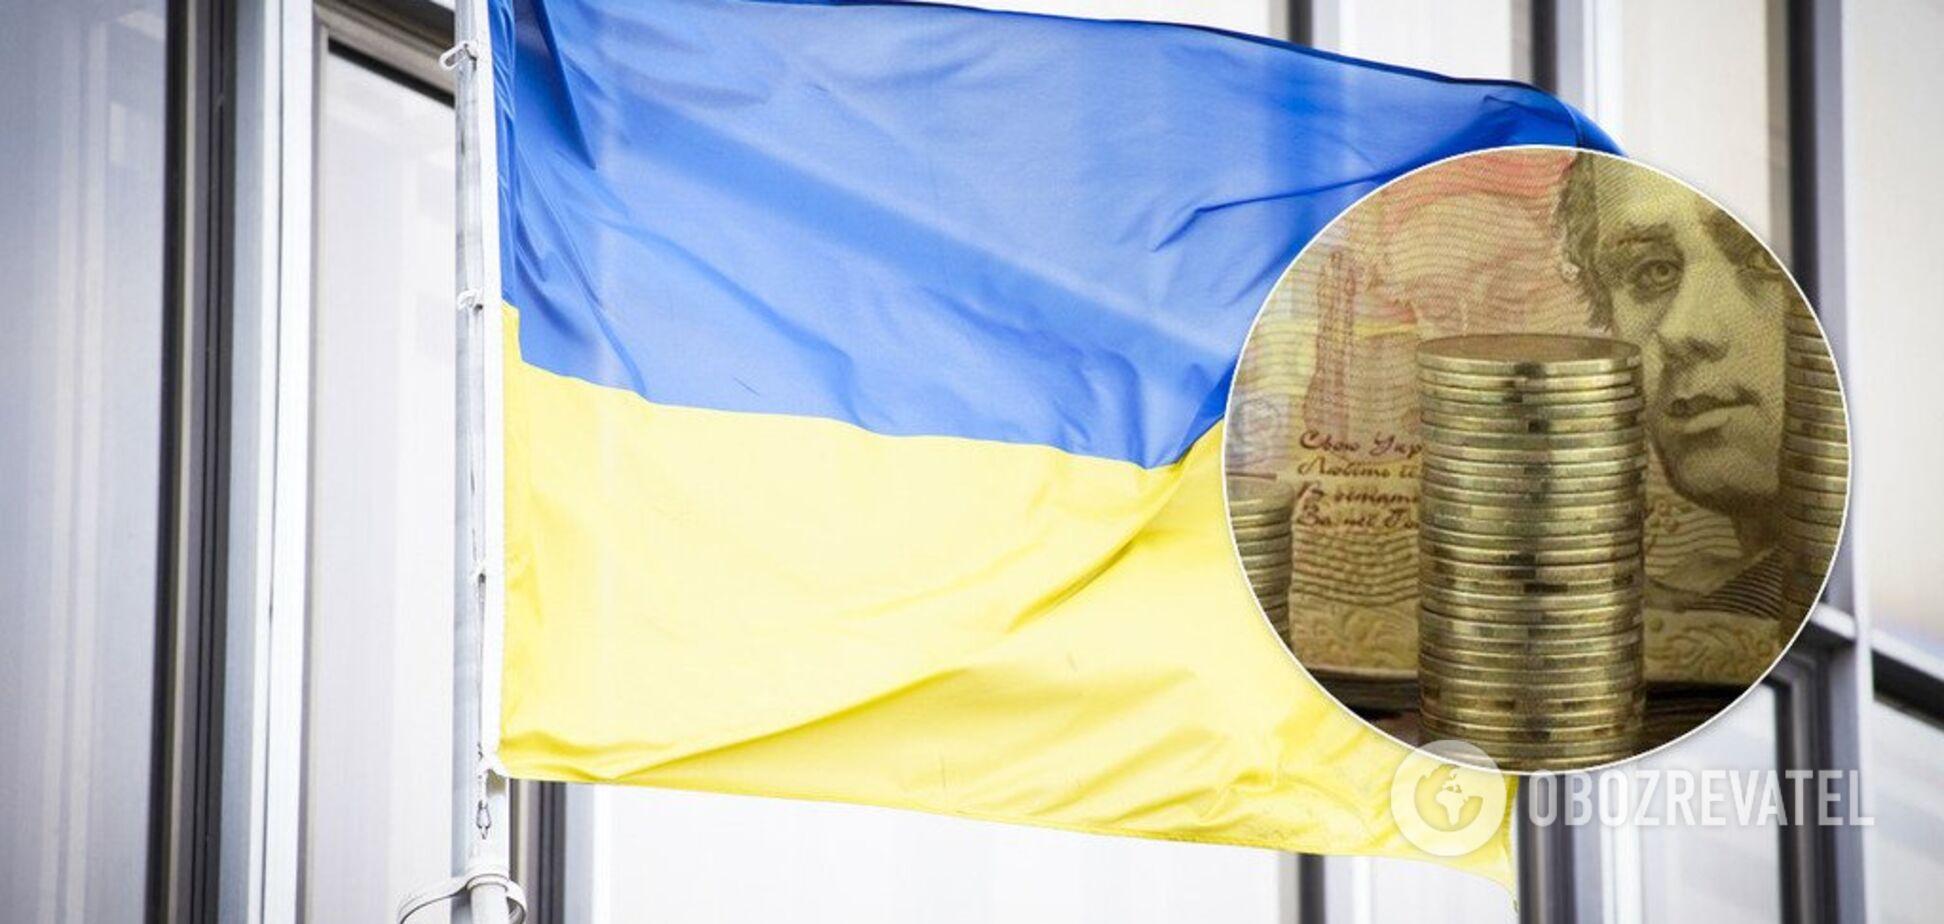 В сентябре Украина должна выплатить более 2 млрд долларов госдолга